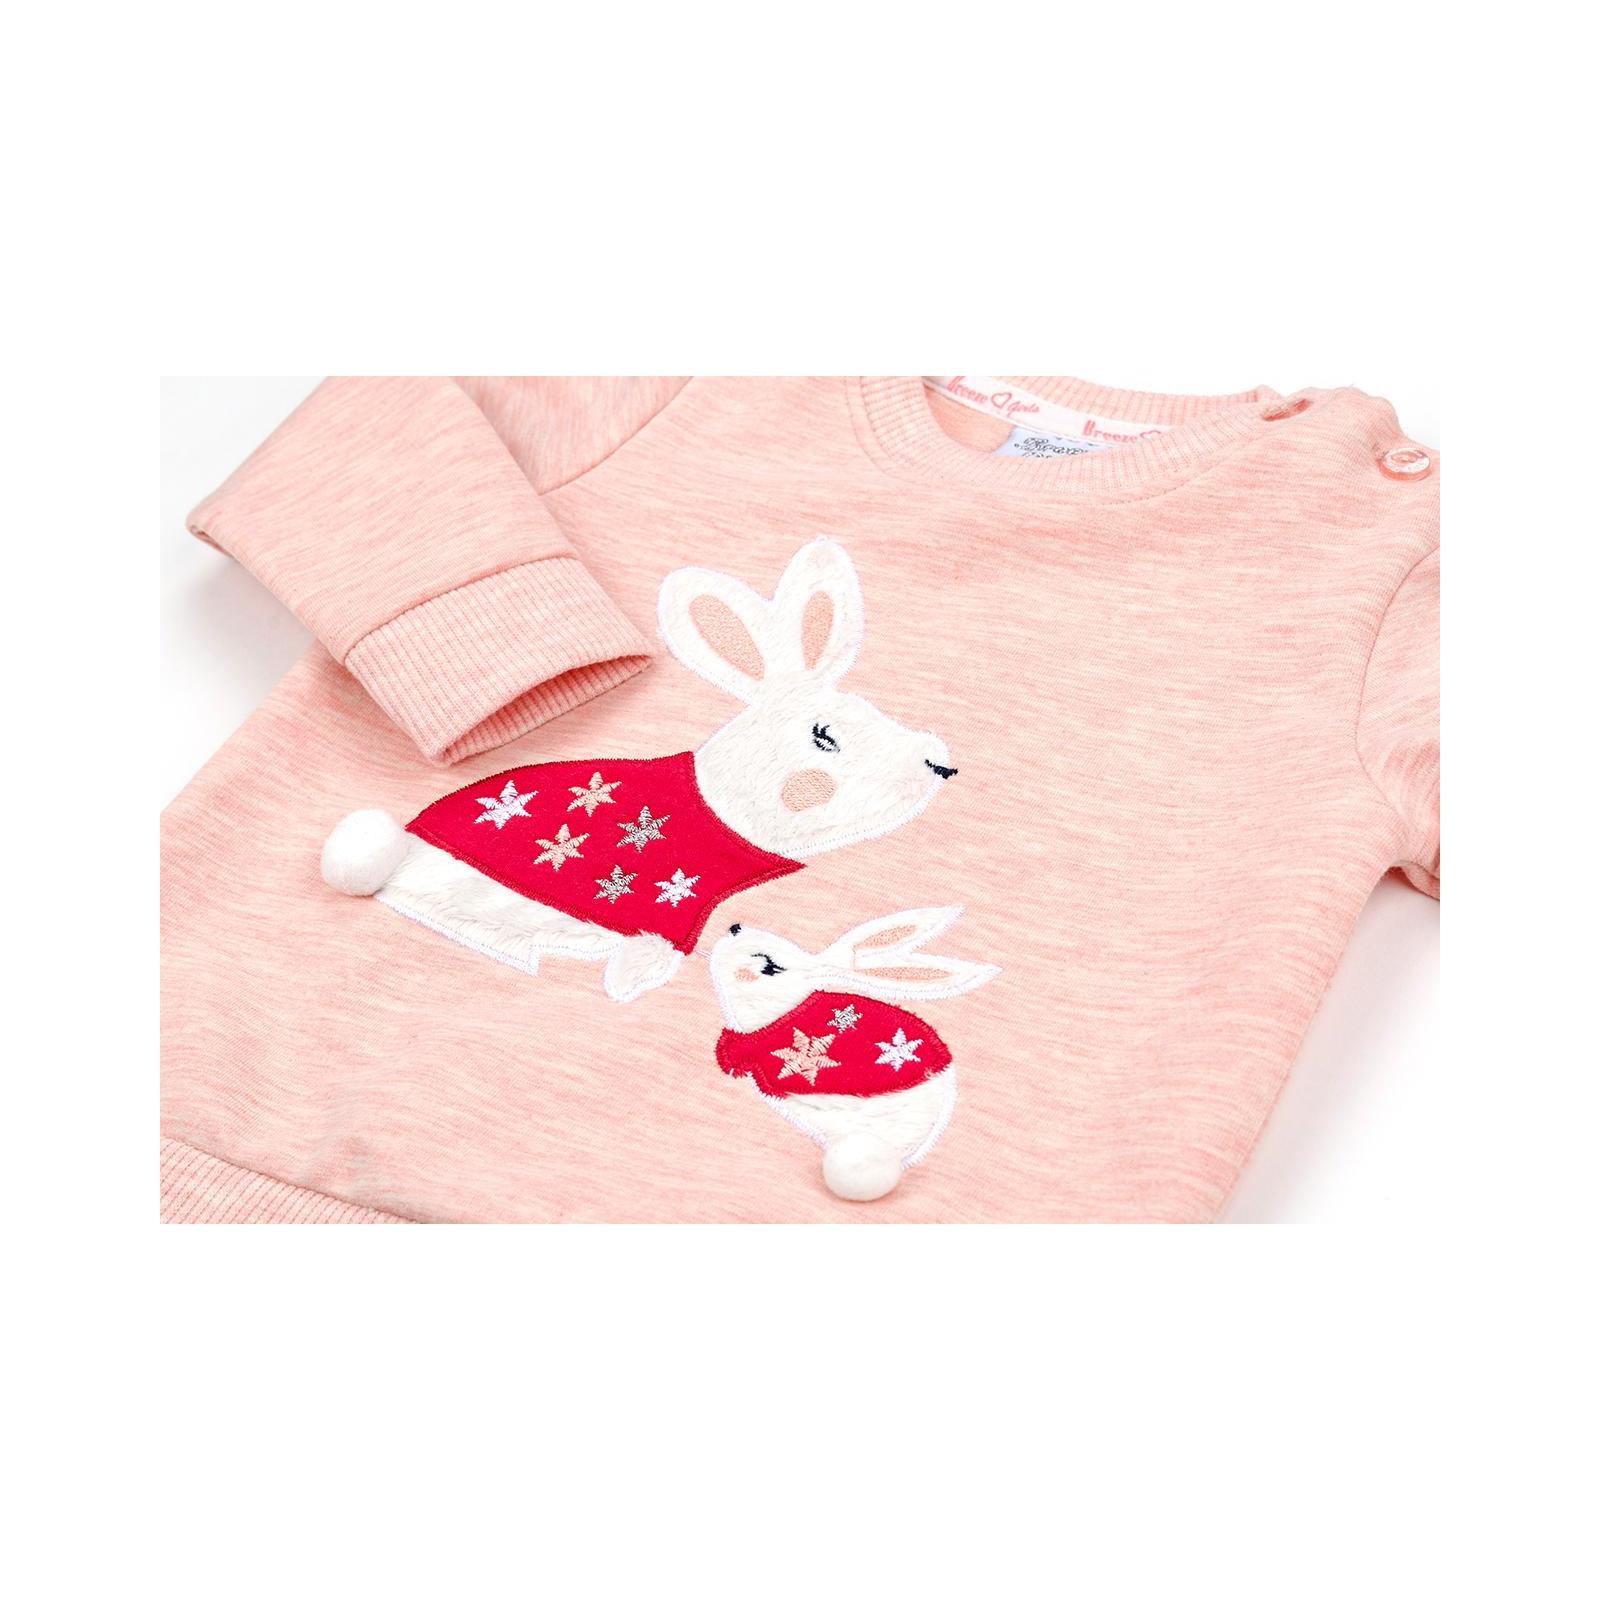 Набор детской одежды Breeze с зайчиками (10214-80G-peach) изображение 9